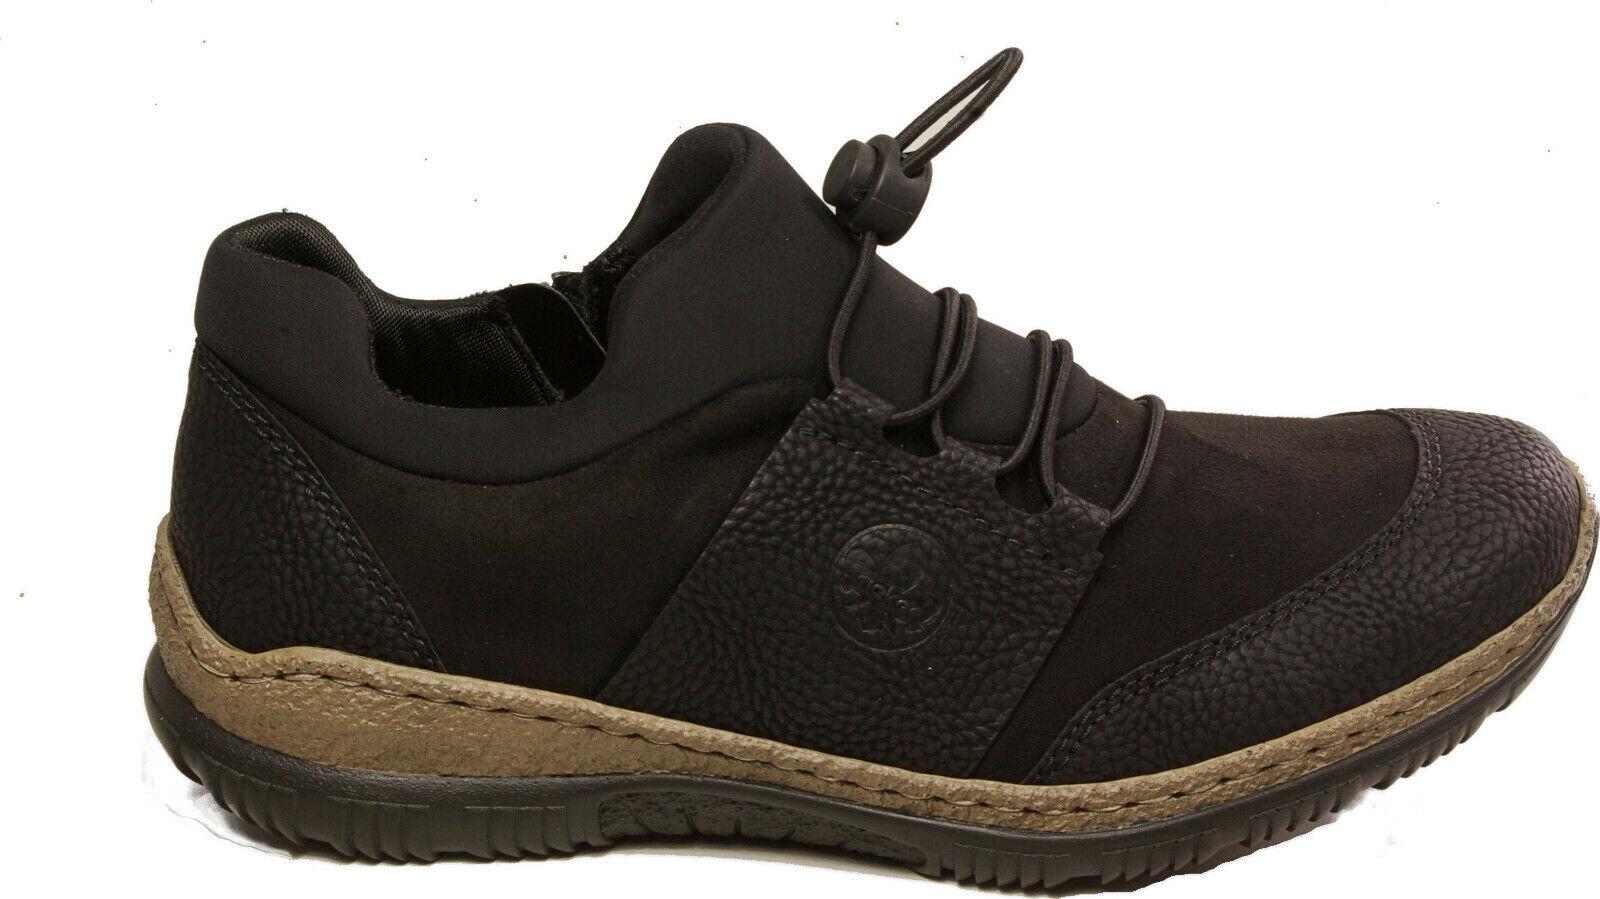 RIEKER Schuhe Halbschuhe Turnschuhe schwarz Reißverschluss elastik NEU